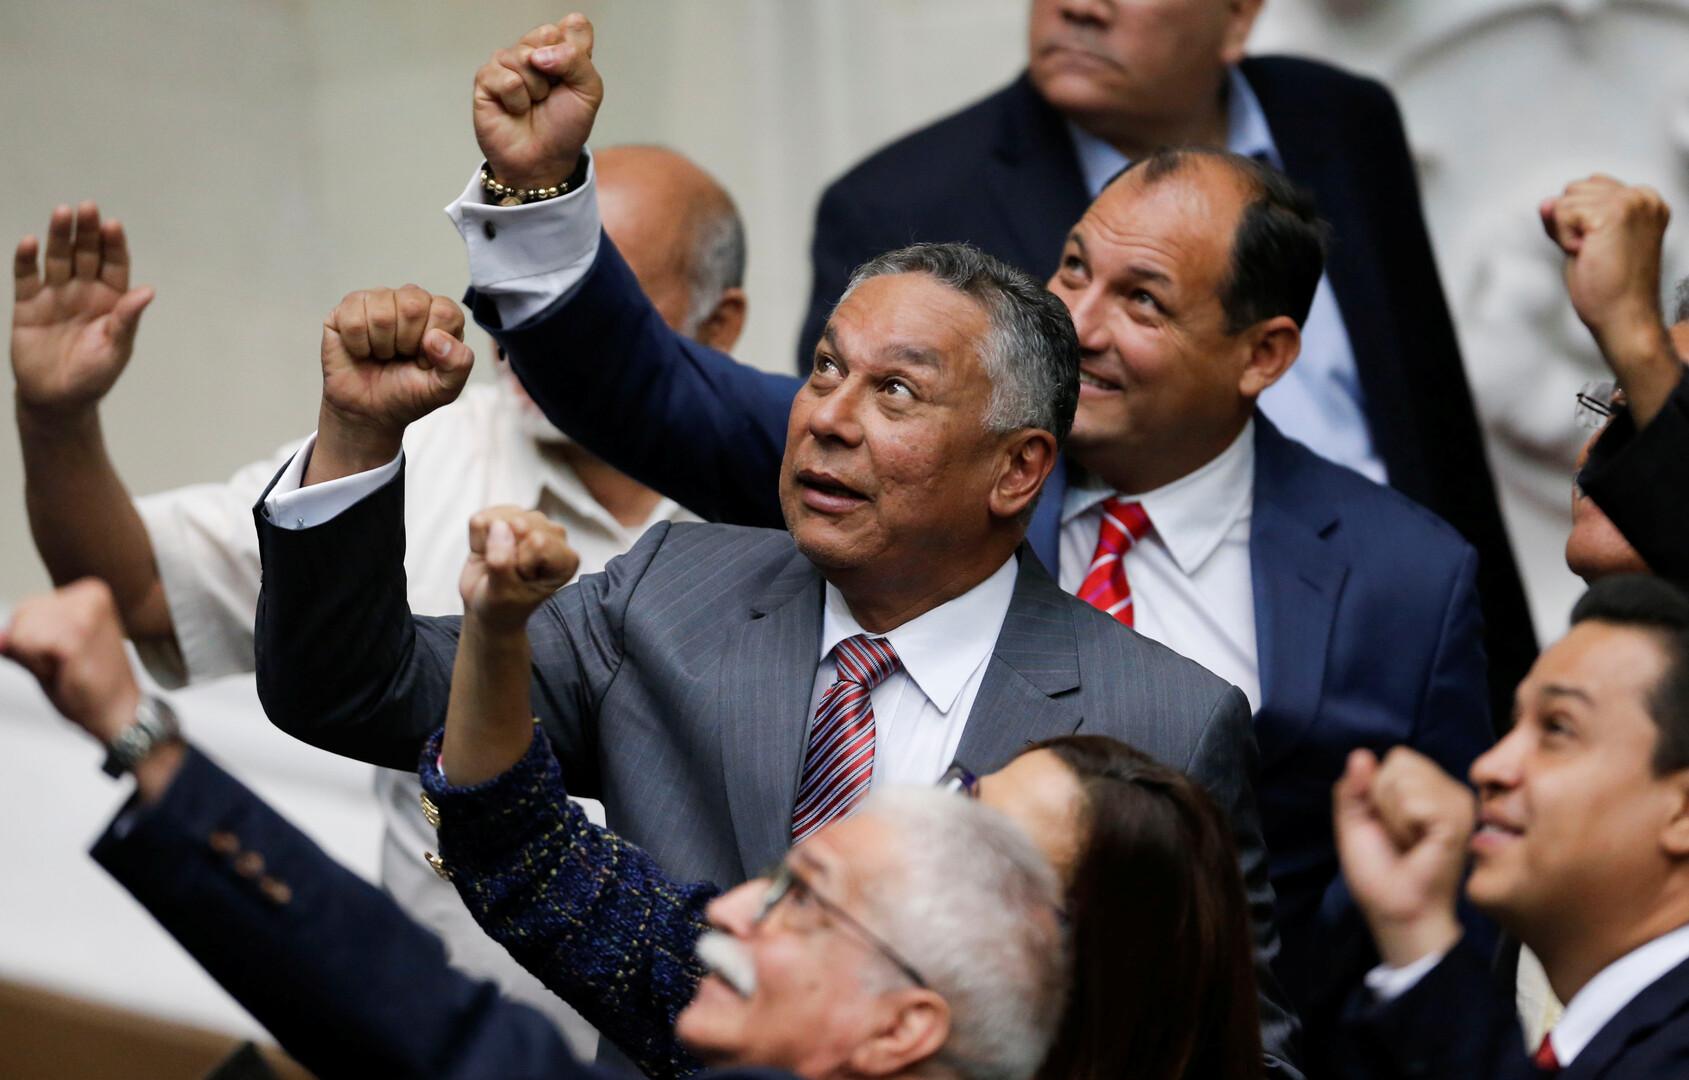 صورة أرشيفية/ اجتماع أعضاء الجمعية الوطنية في كراكاس